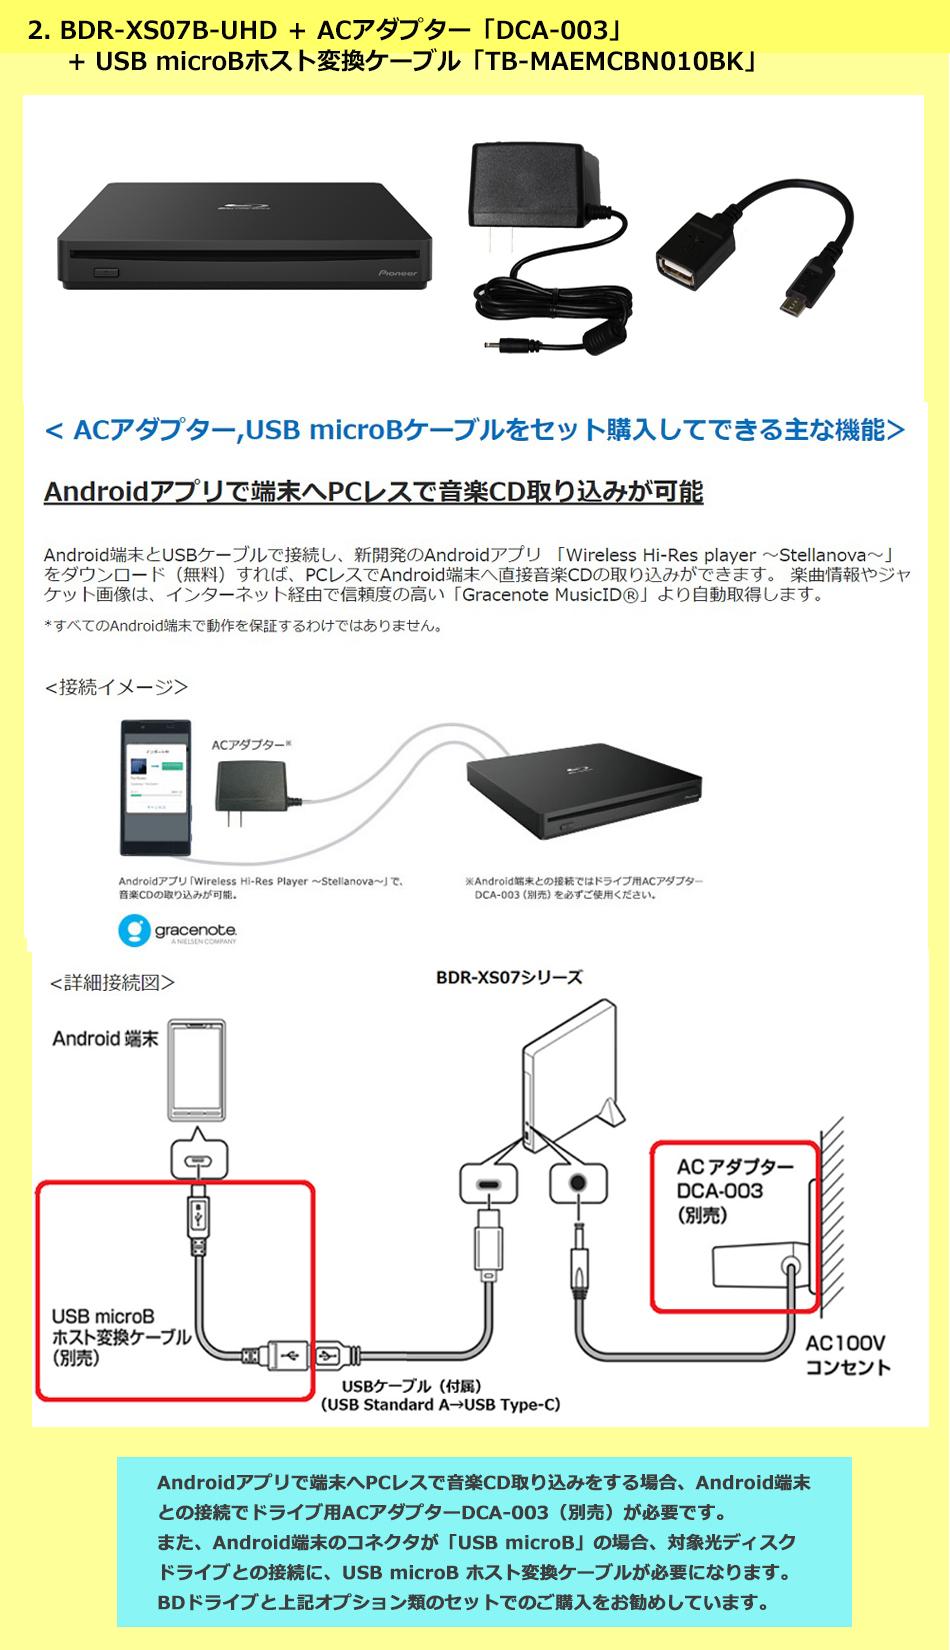 BDR-XS07B-UHD+ACアダプター+MicroBケーブルセットのご紹介